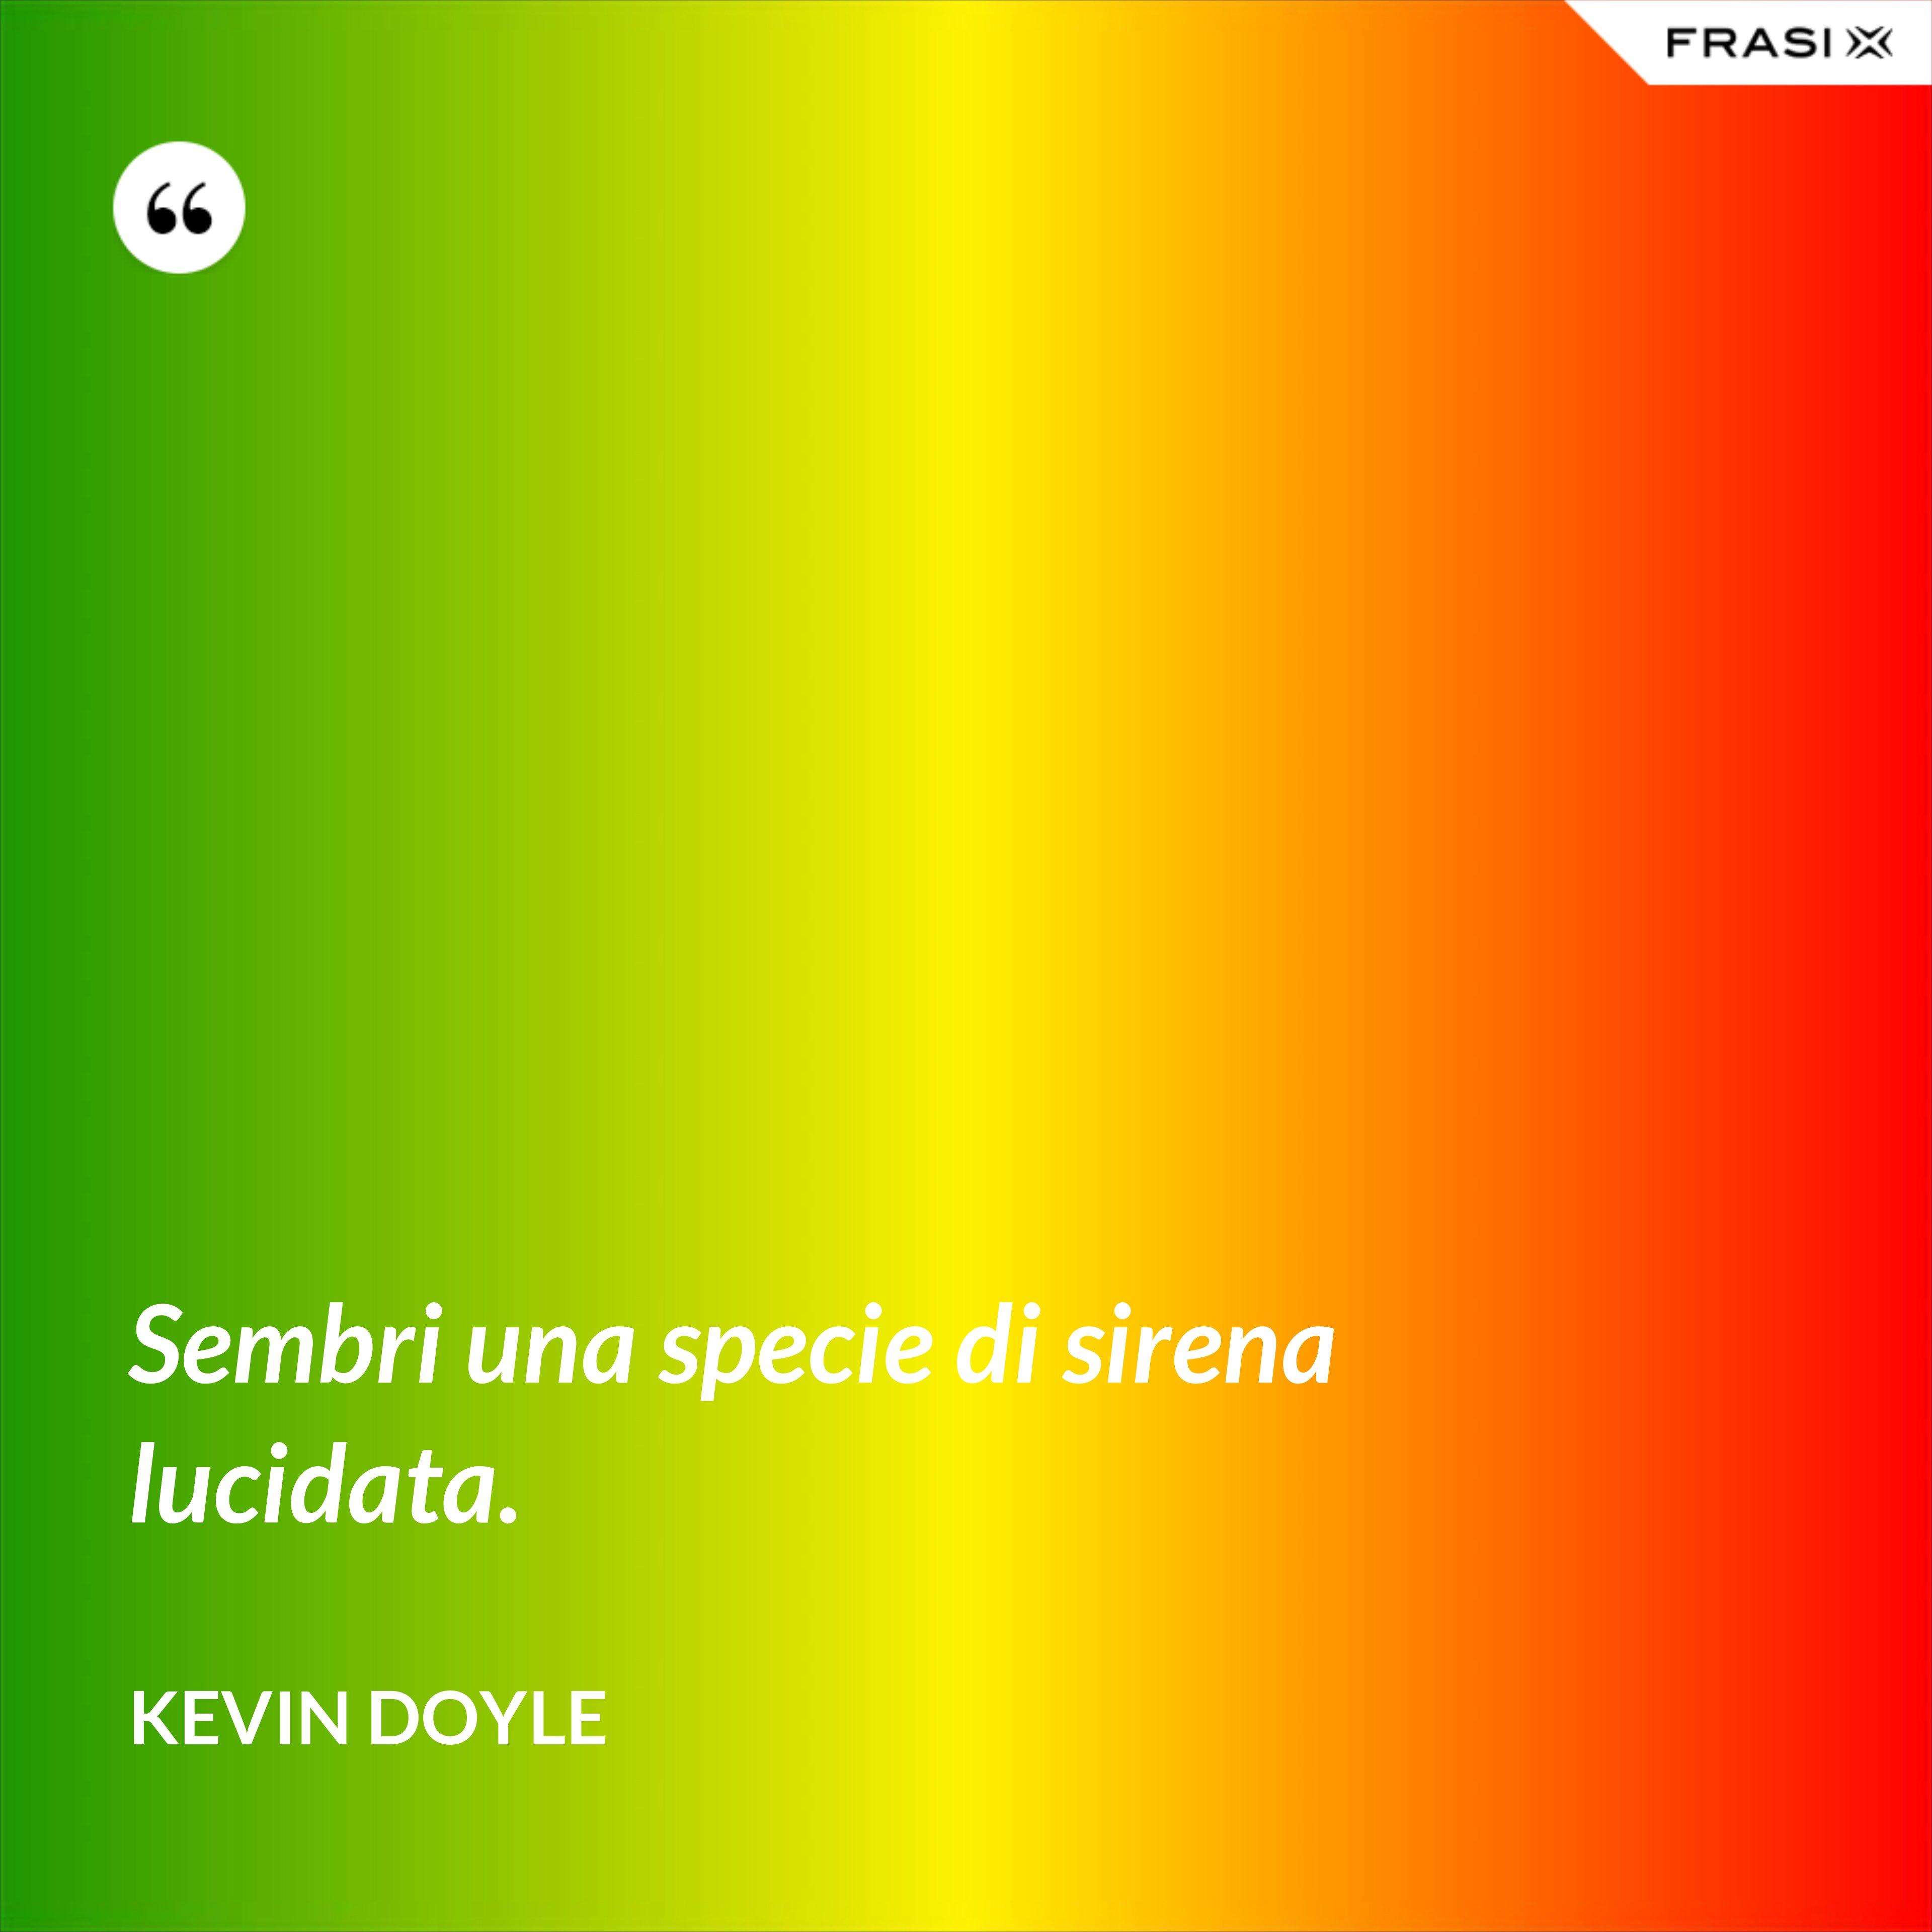 Sembri una specie di sirena lucidata. - Kevin Doyle